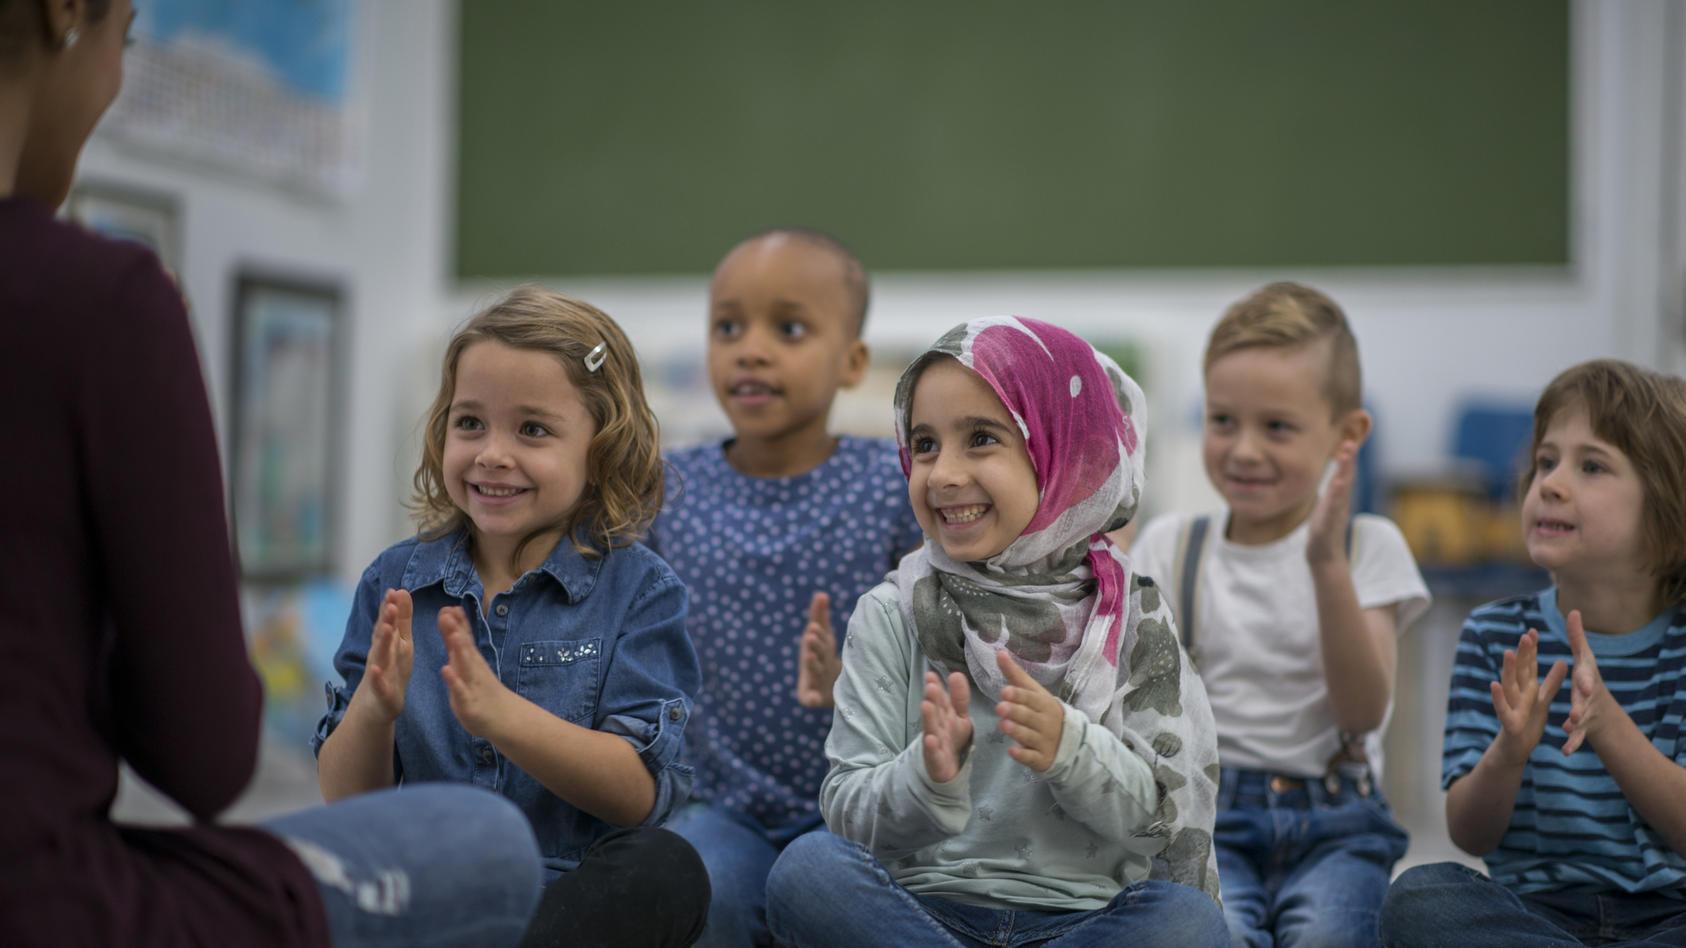 Erste christlich-muslimische Kita eröffnet im August im niedersächsischen Gifhorn. (Symbolbild)